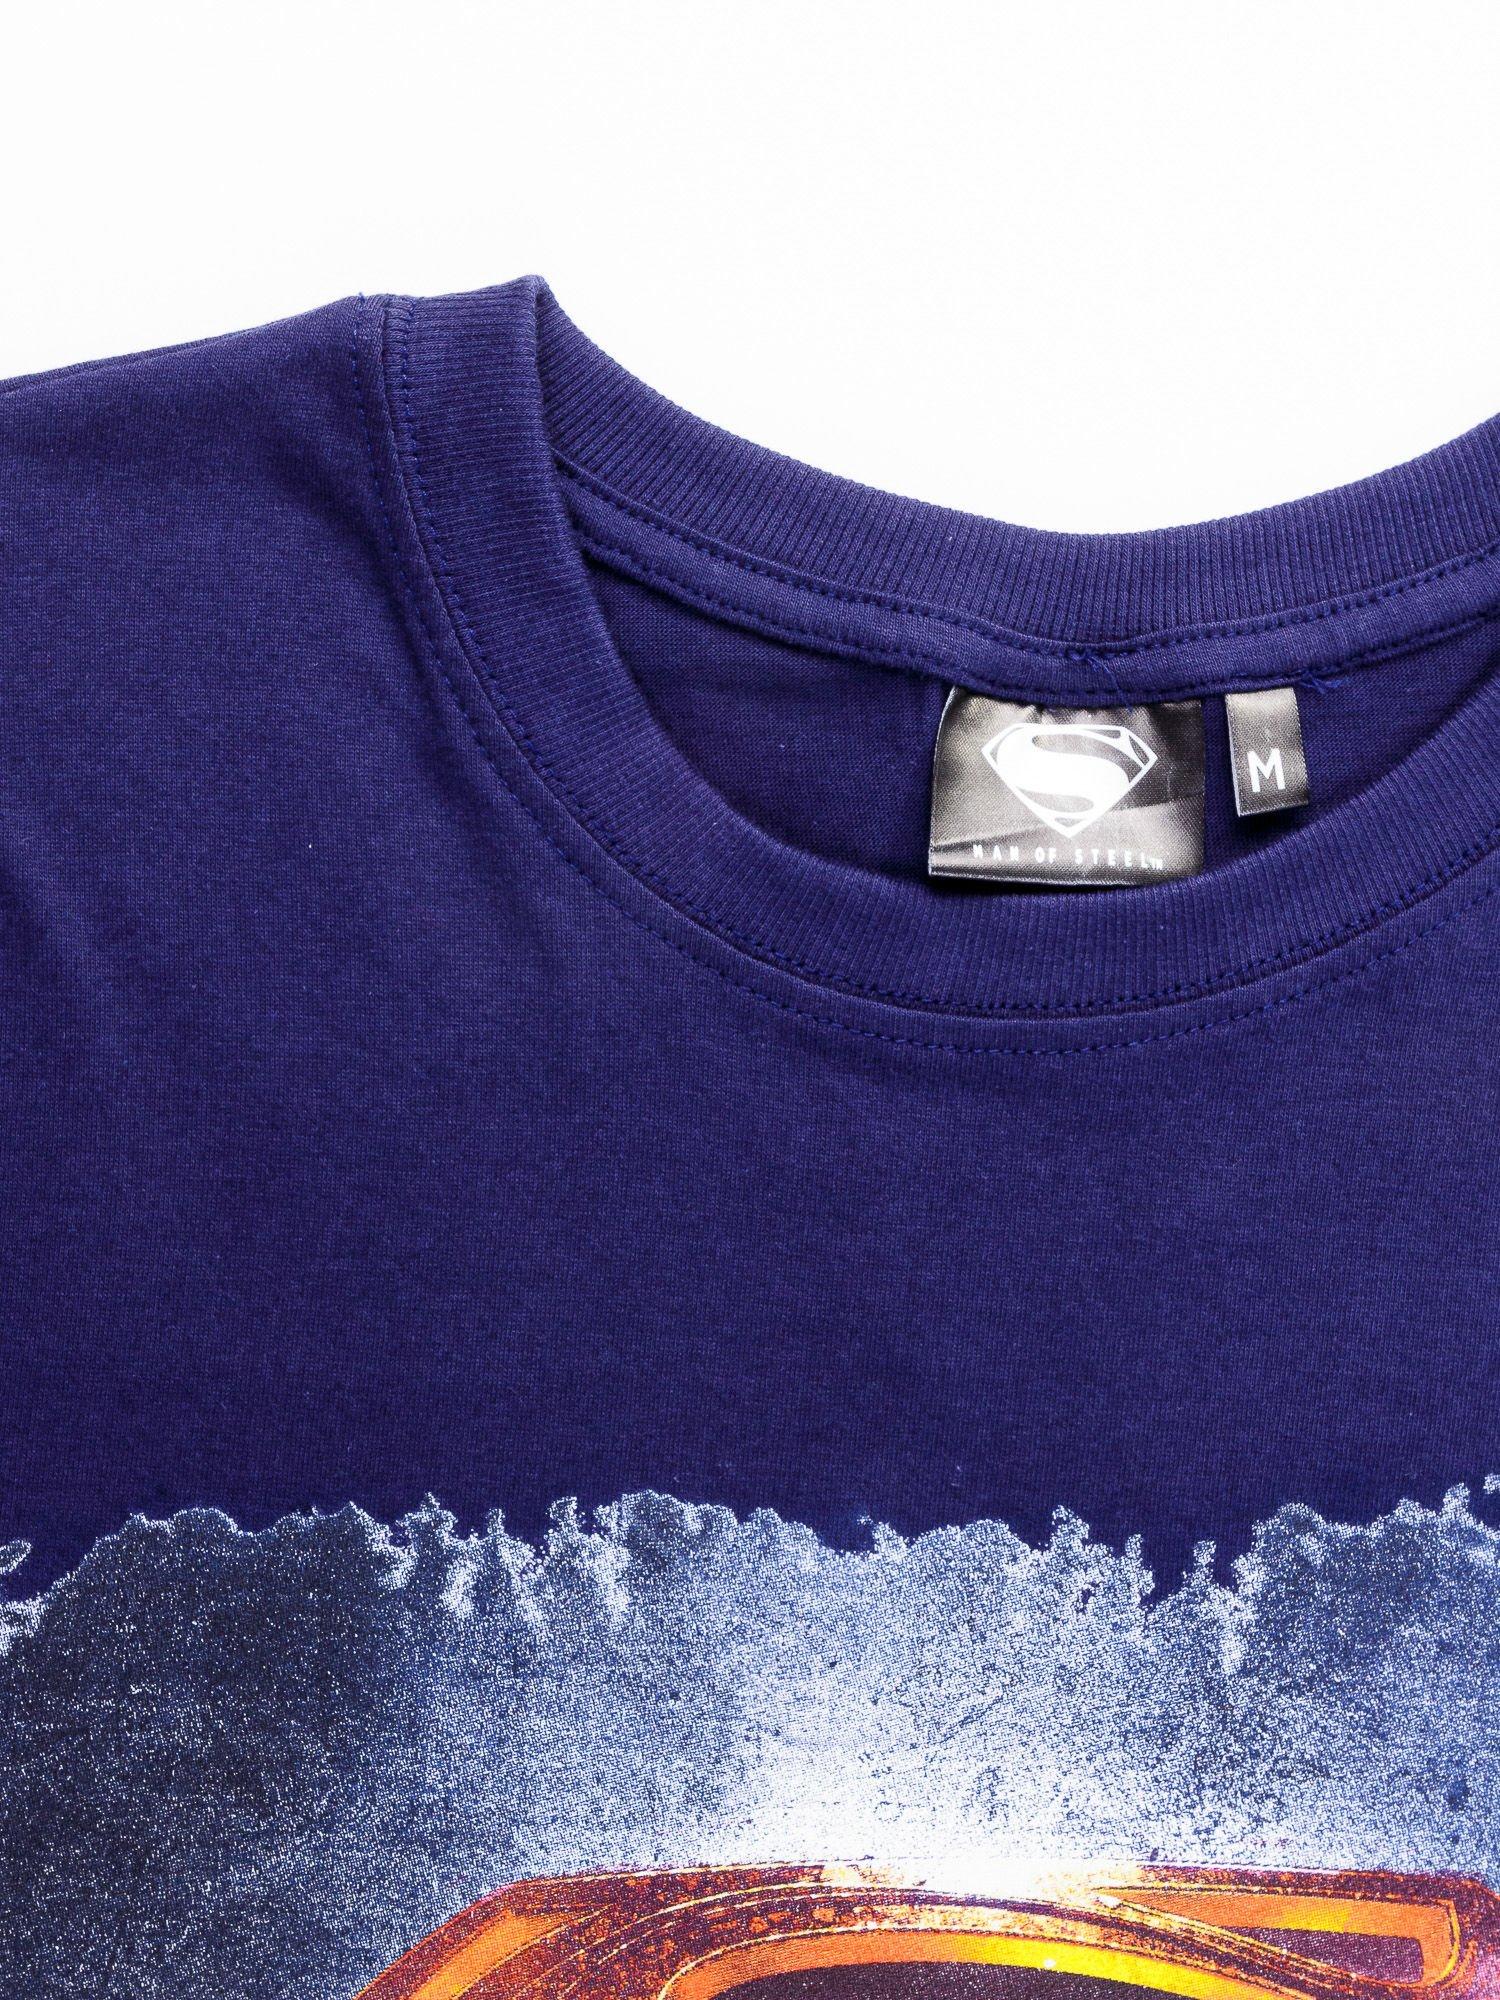 Granatowy t-shirt męski MAN OF STEEL                                  zdj.                                  10